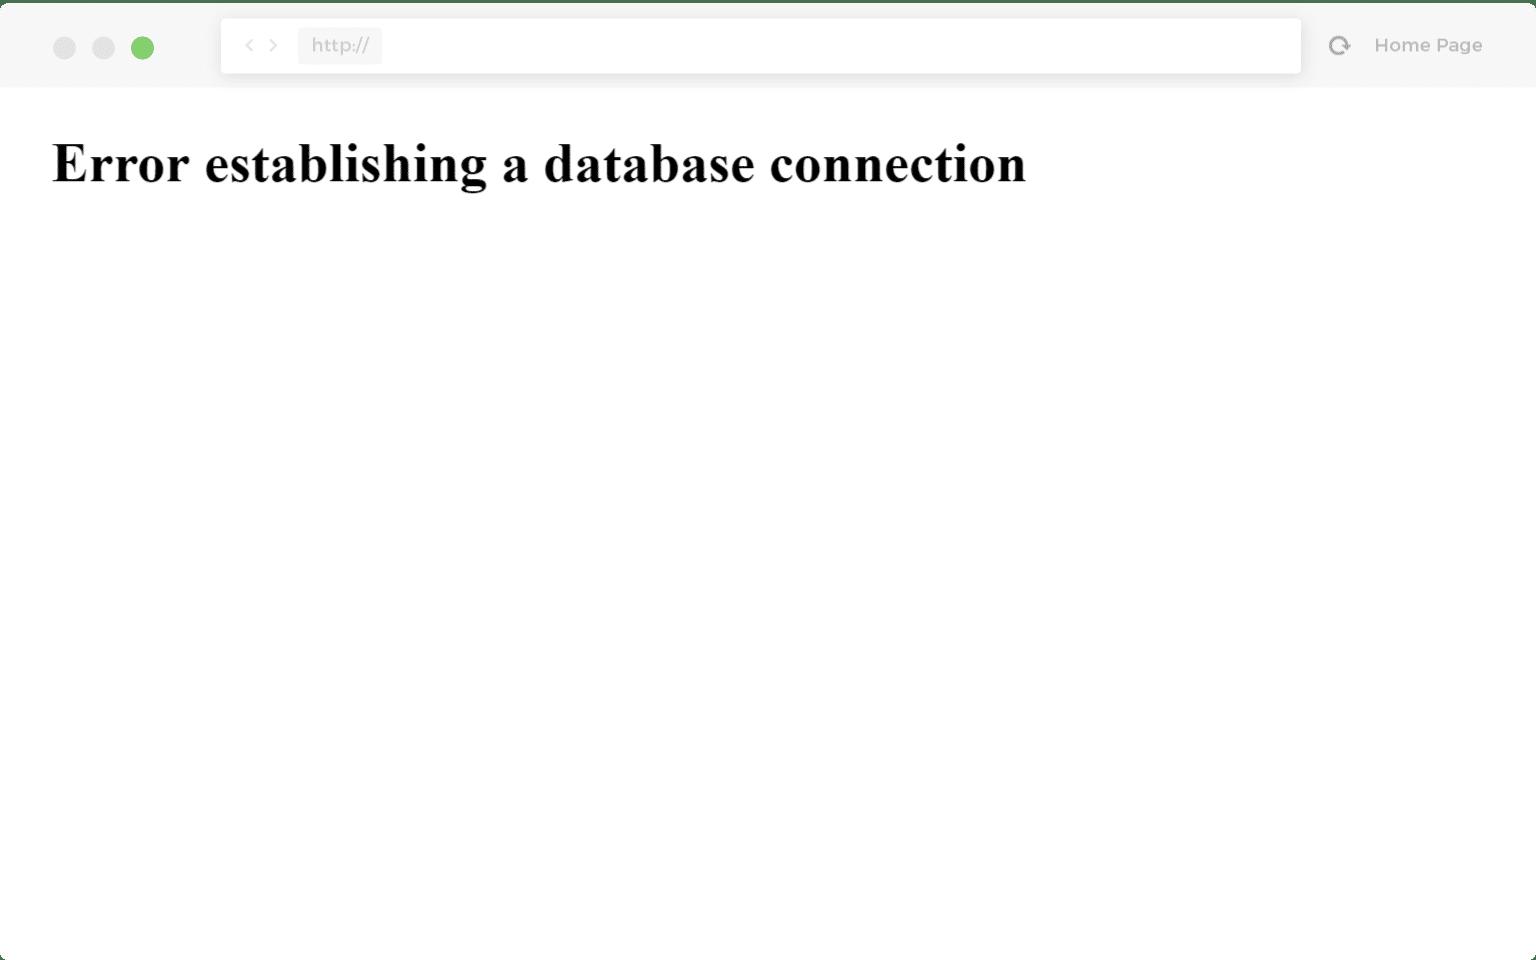 Eksempel på fejl ved oprettelse af en databaseforbindelse